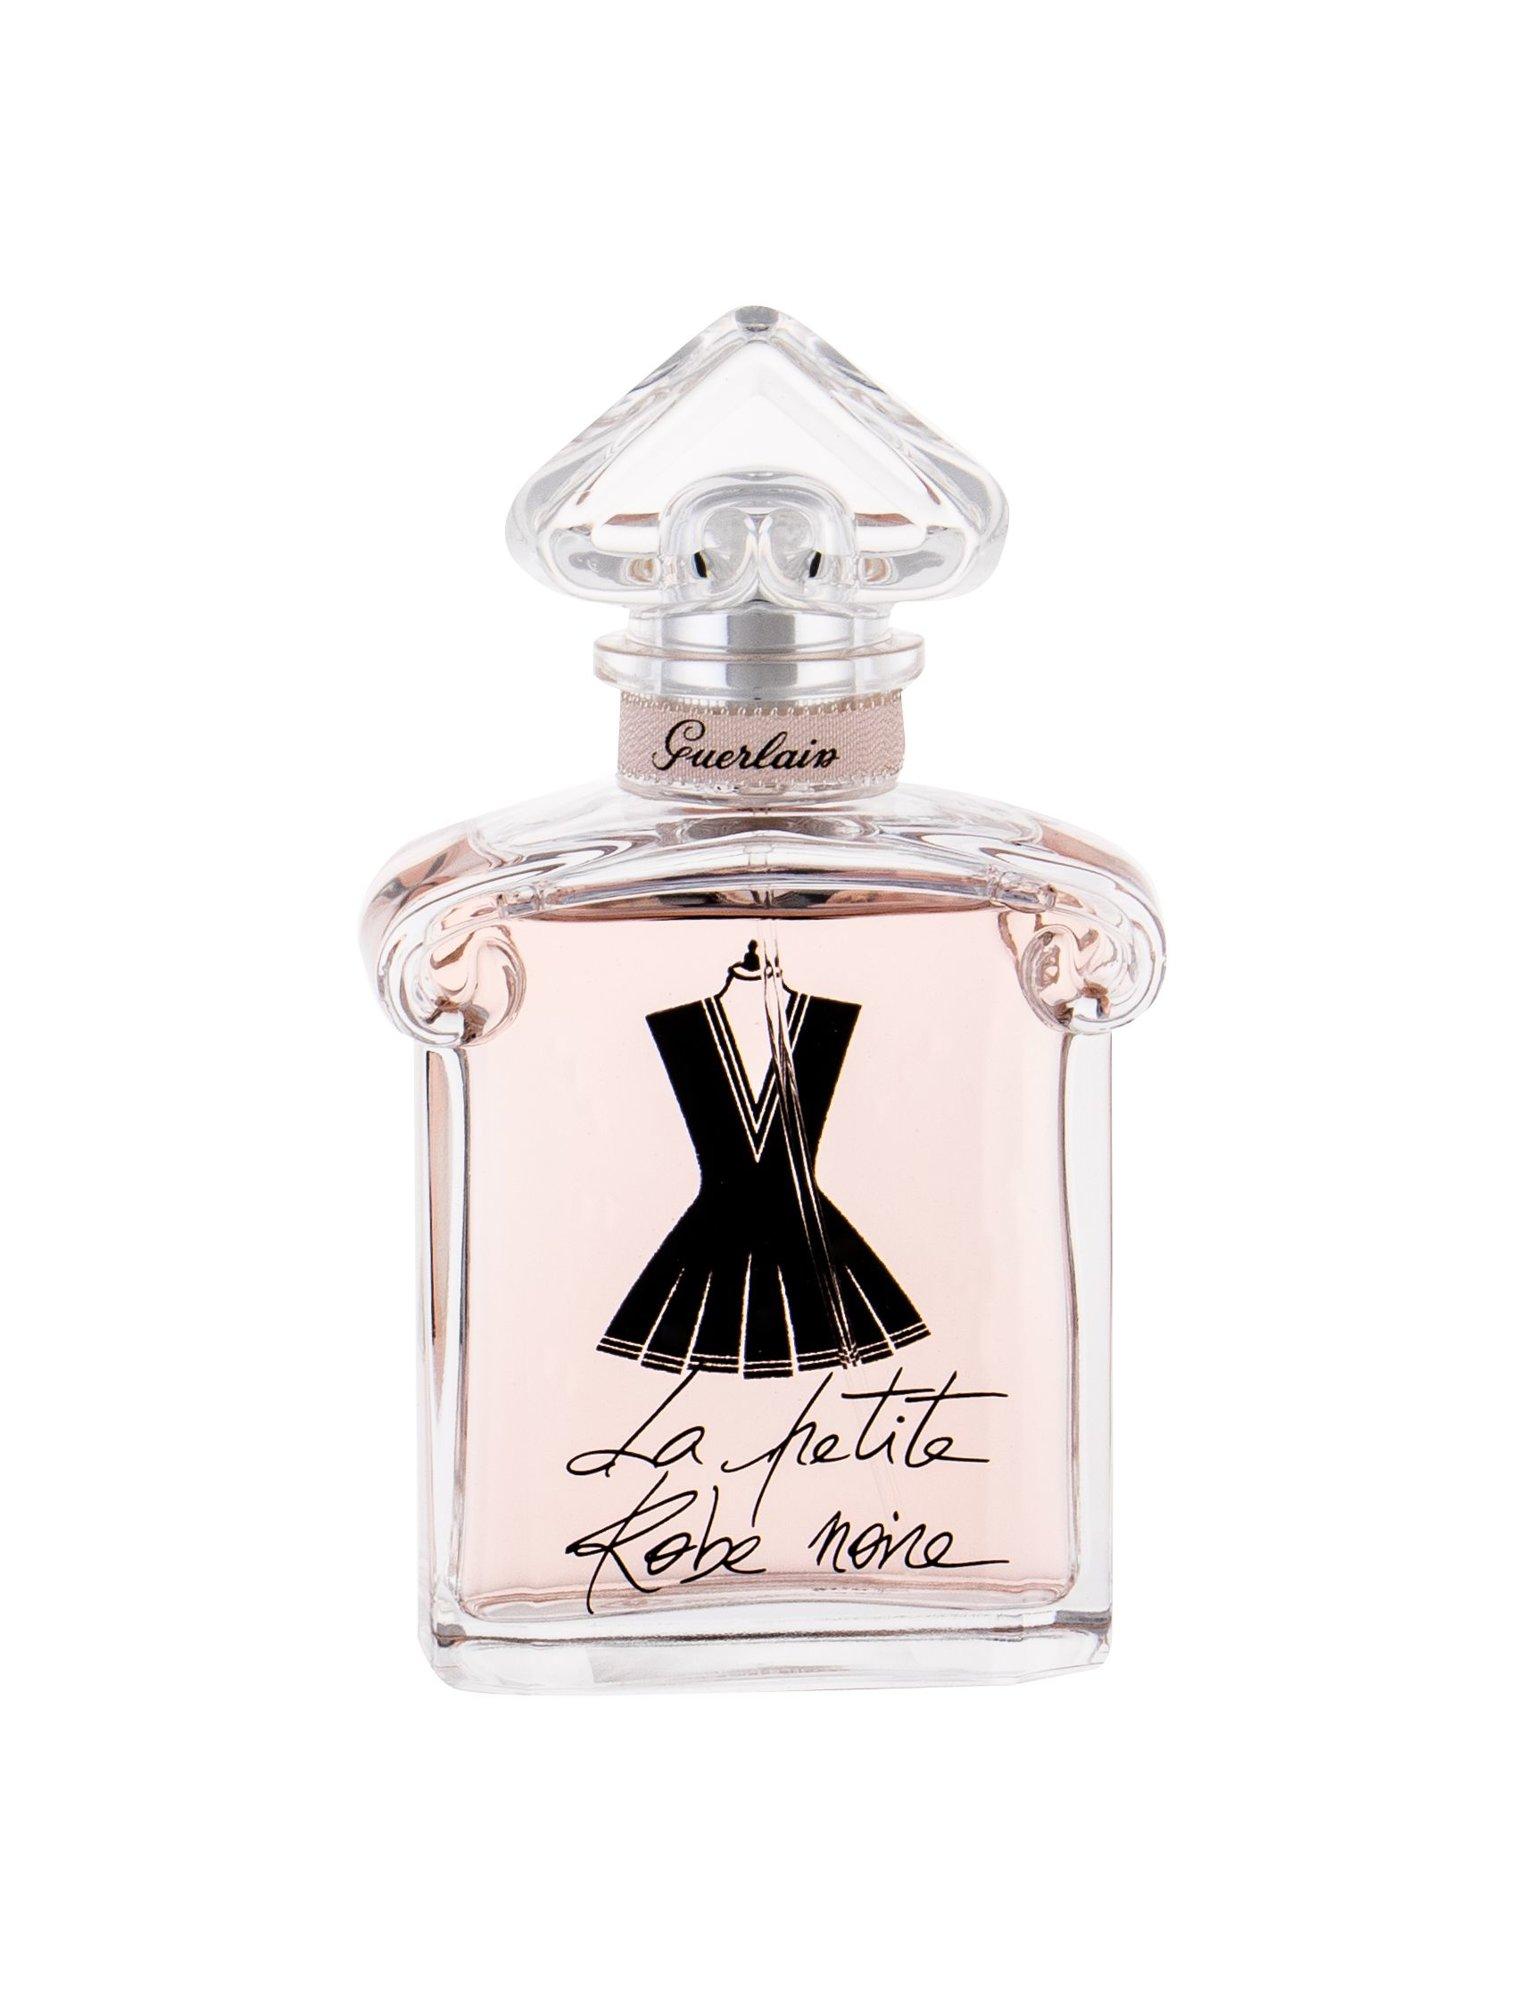 Guerlain La Petite Robe Noire Eau de Toilette 50ml